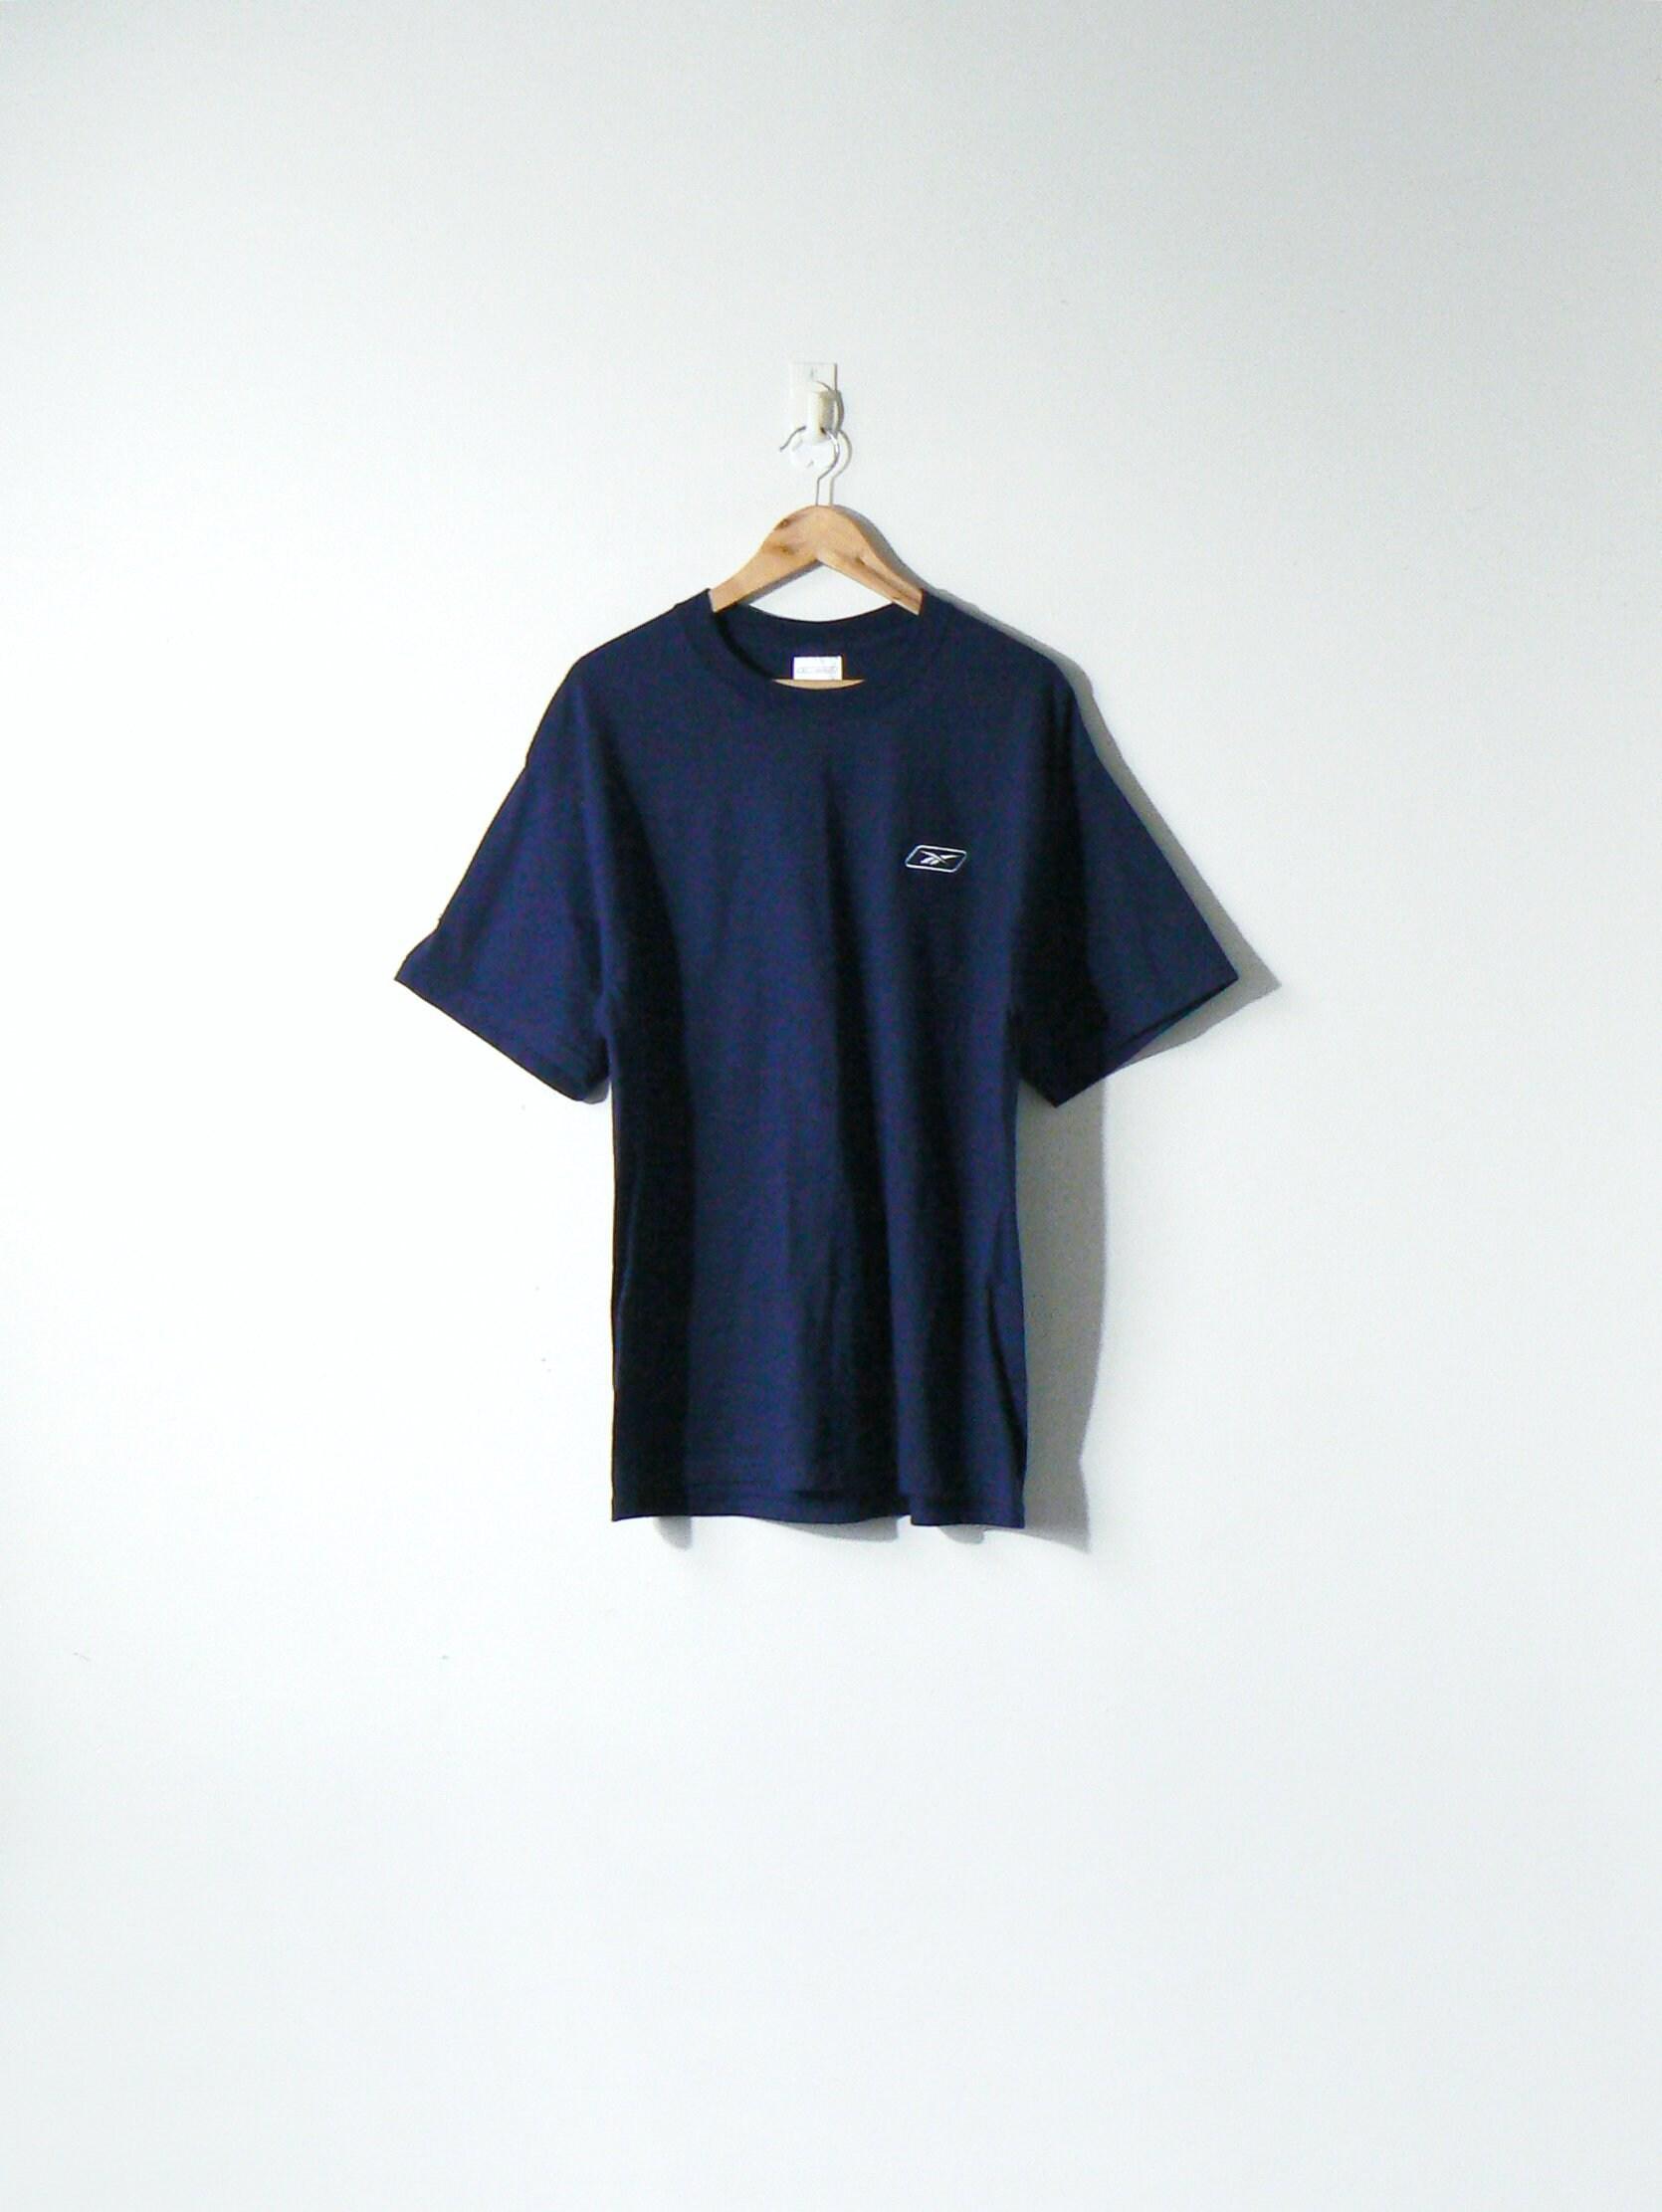 90 s Reebok Logo T-Shirt-90 s T-Shirt T-Shirt s - Reebok T-Shirt - Reebok T-shirt - 90 s Hip Hop vêtements - 90 s Streetwear T-Shirt-XL homme 4c0c6c